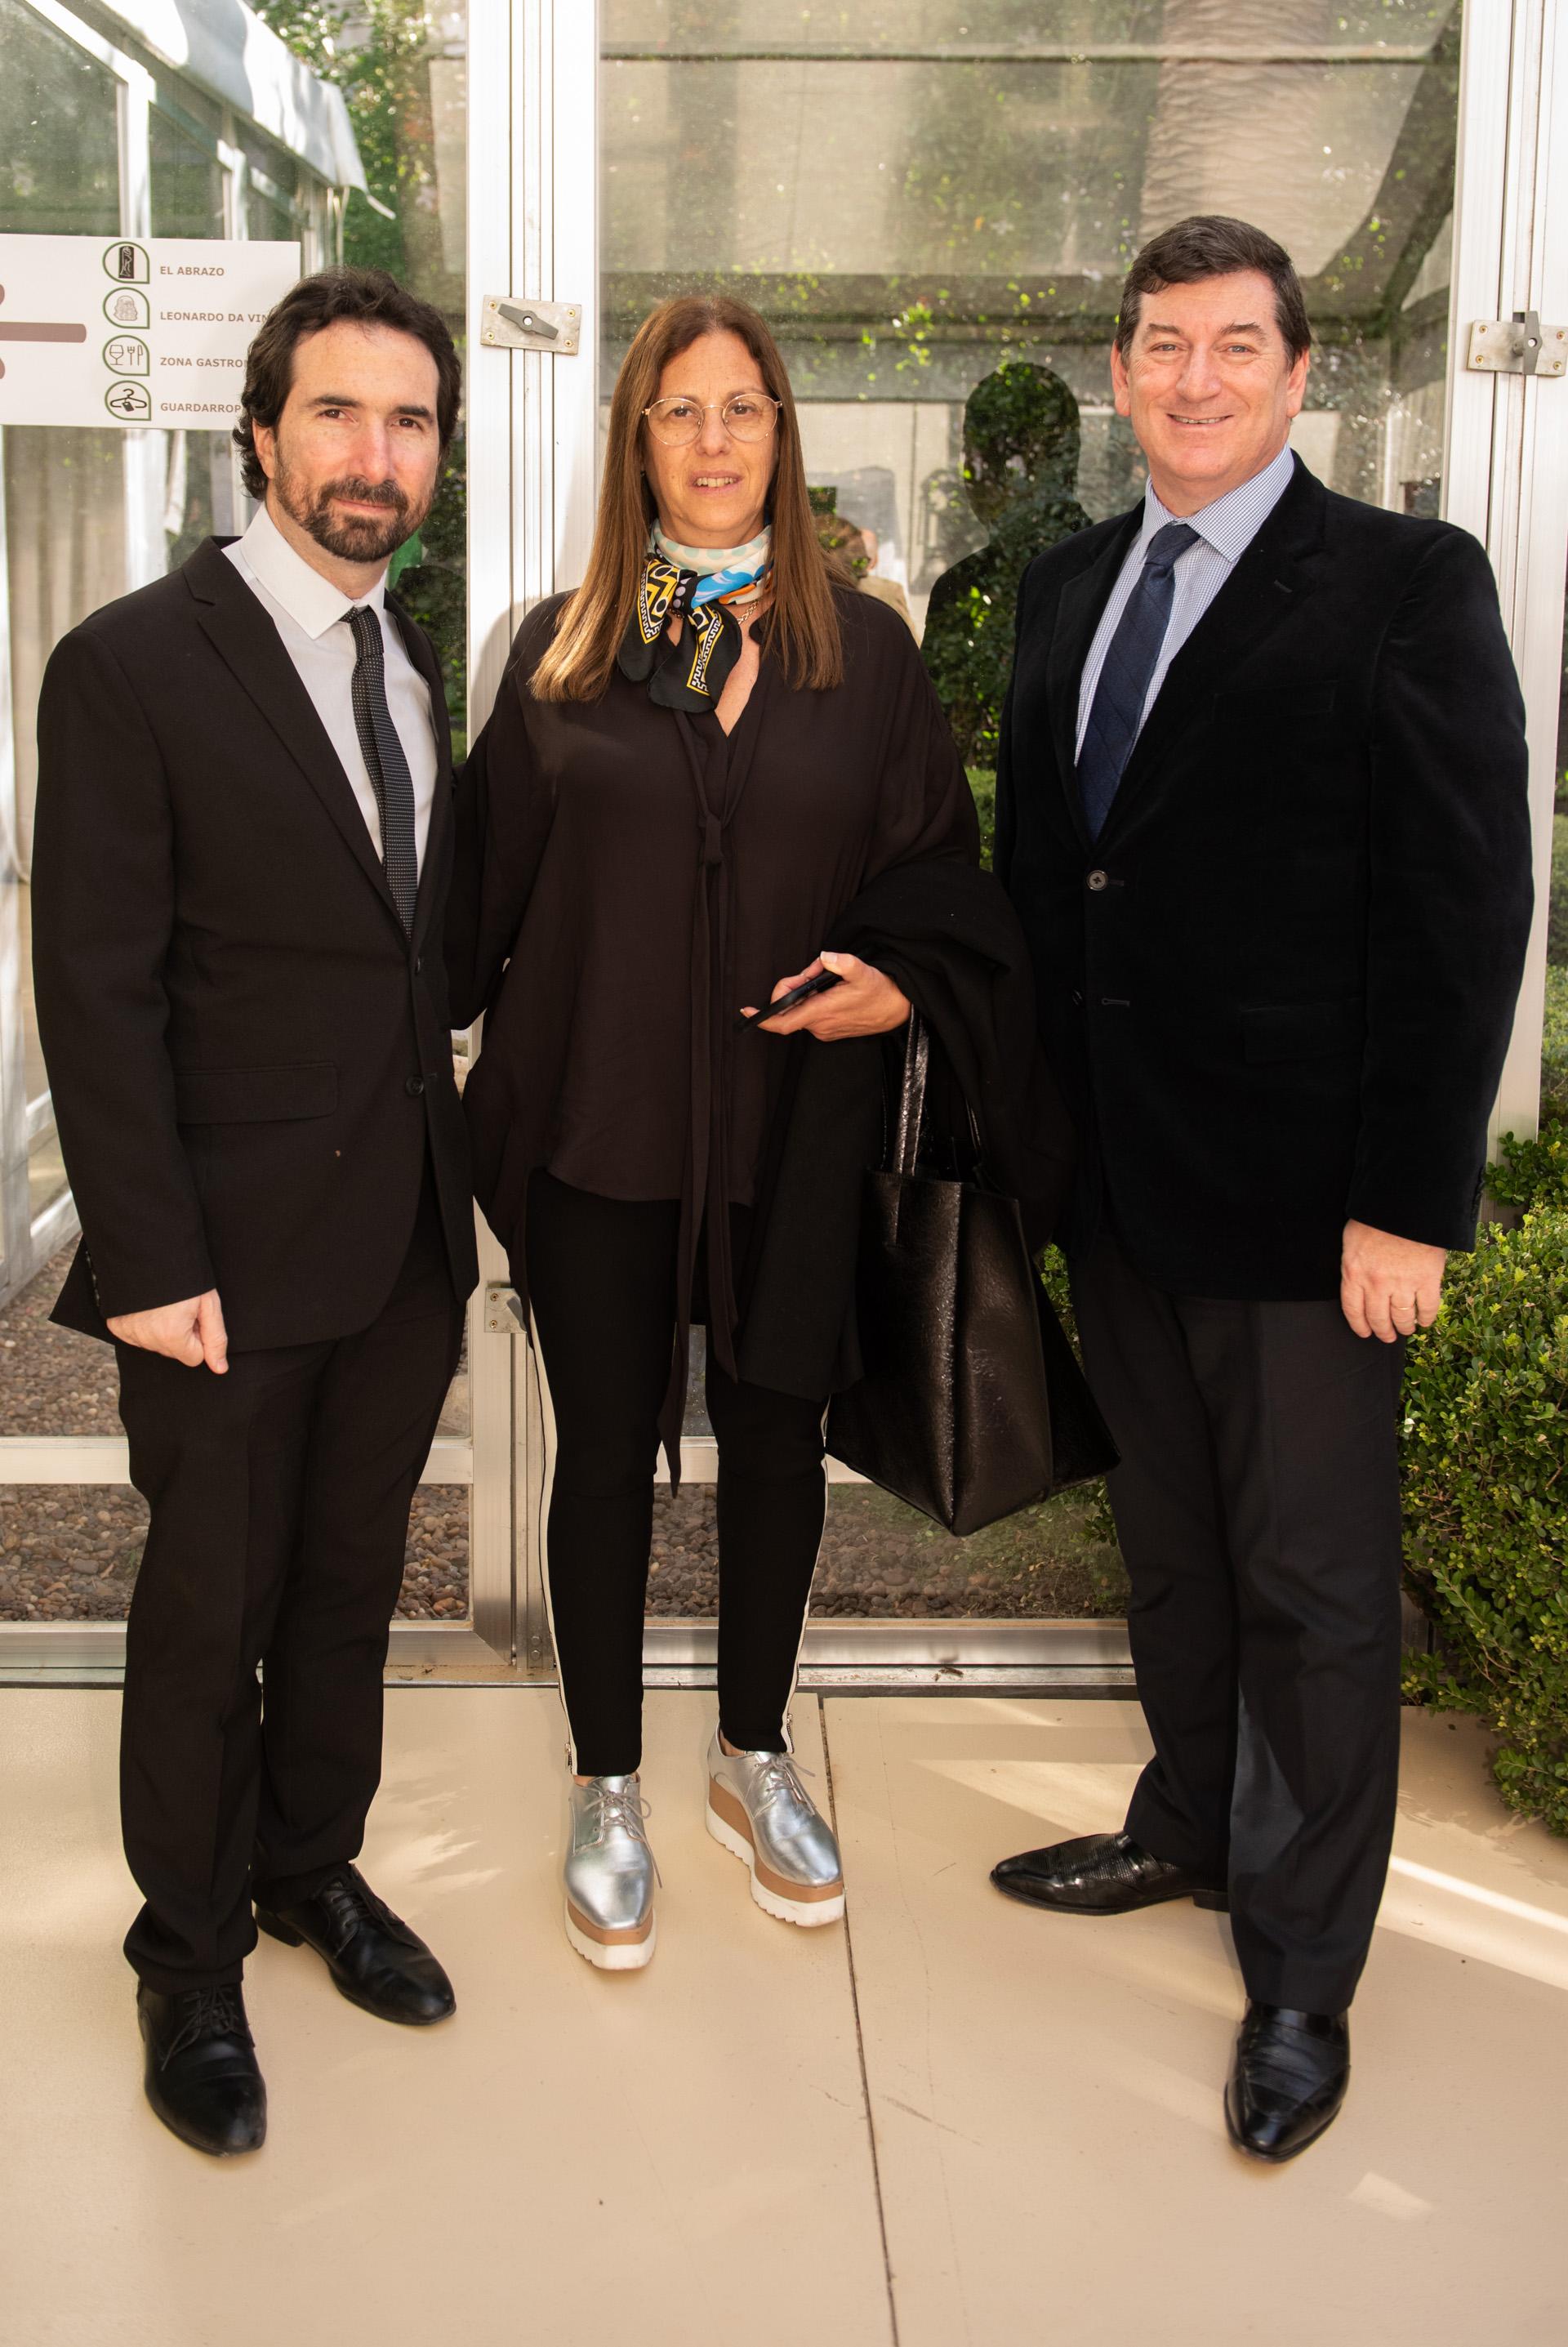 Fabiana Mindlin y Jonathan Karszenbaum, directores del Museo del Holocausto de Buenos Aires, junto a Ariel Gelblung, representante del Centro Wiesenthal para América Latina